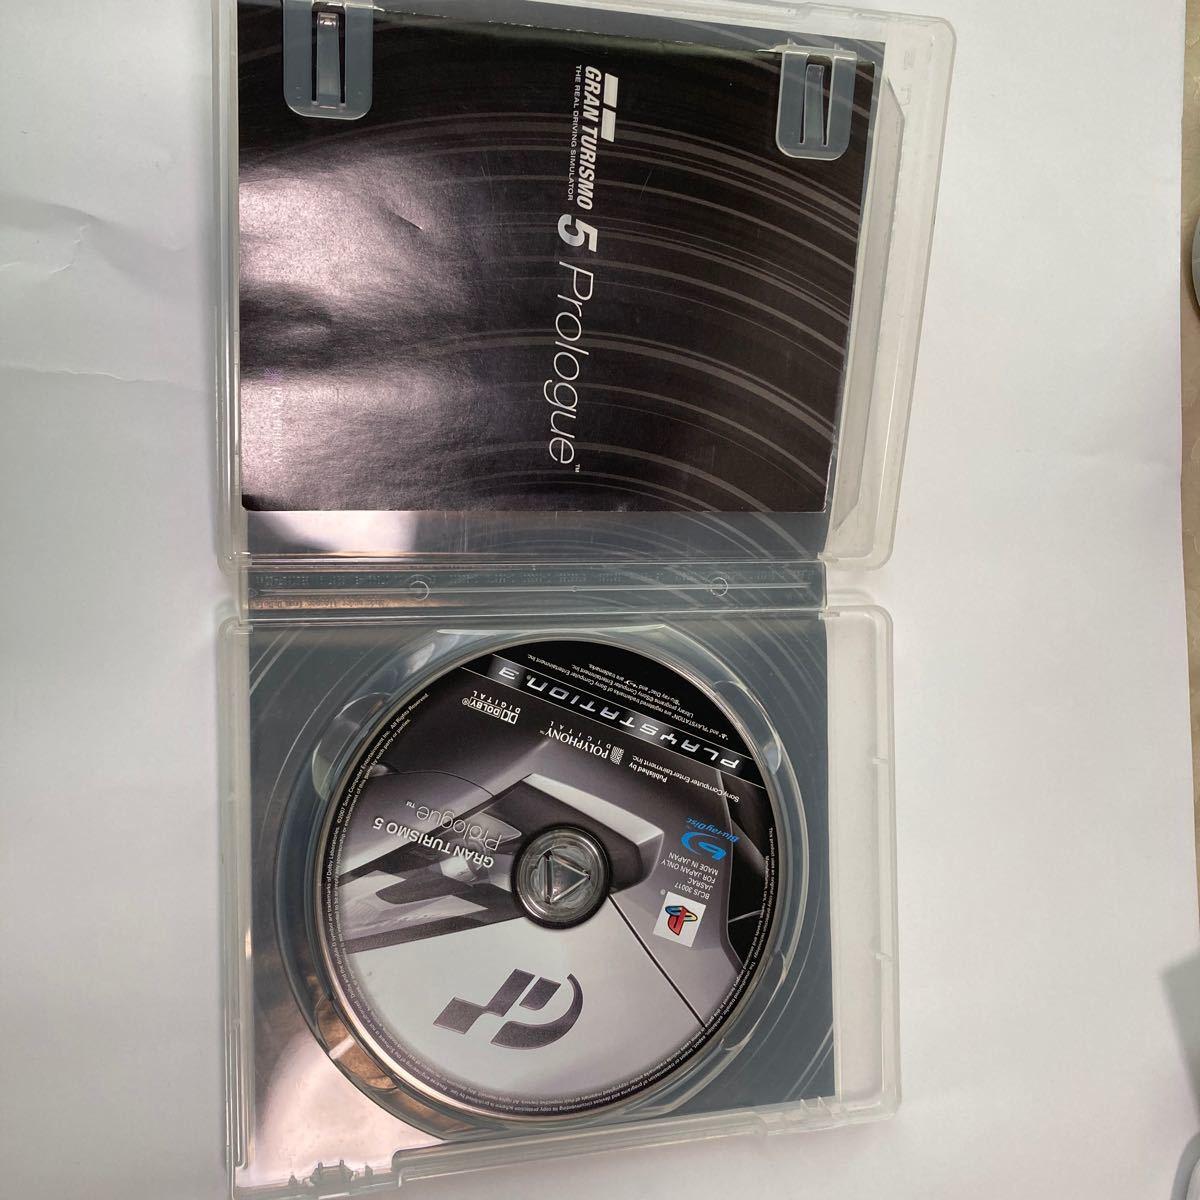 グランツーリスモ5 PS3 Prologue GRAN TURISMO プロローグ SONY